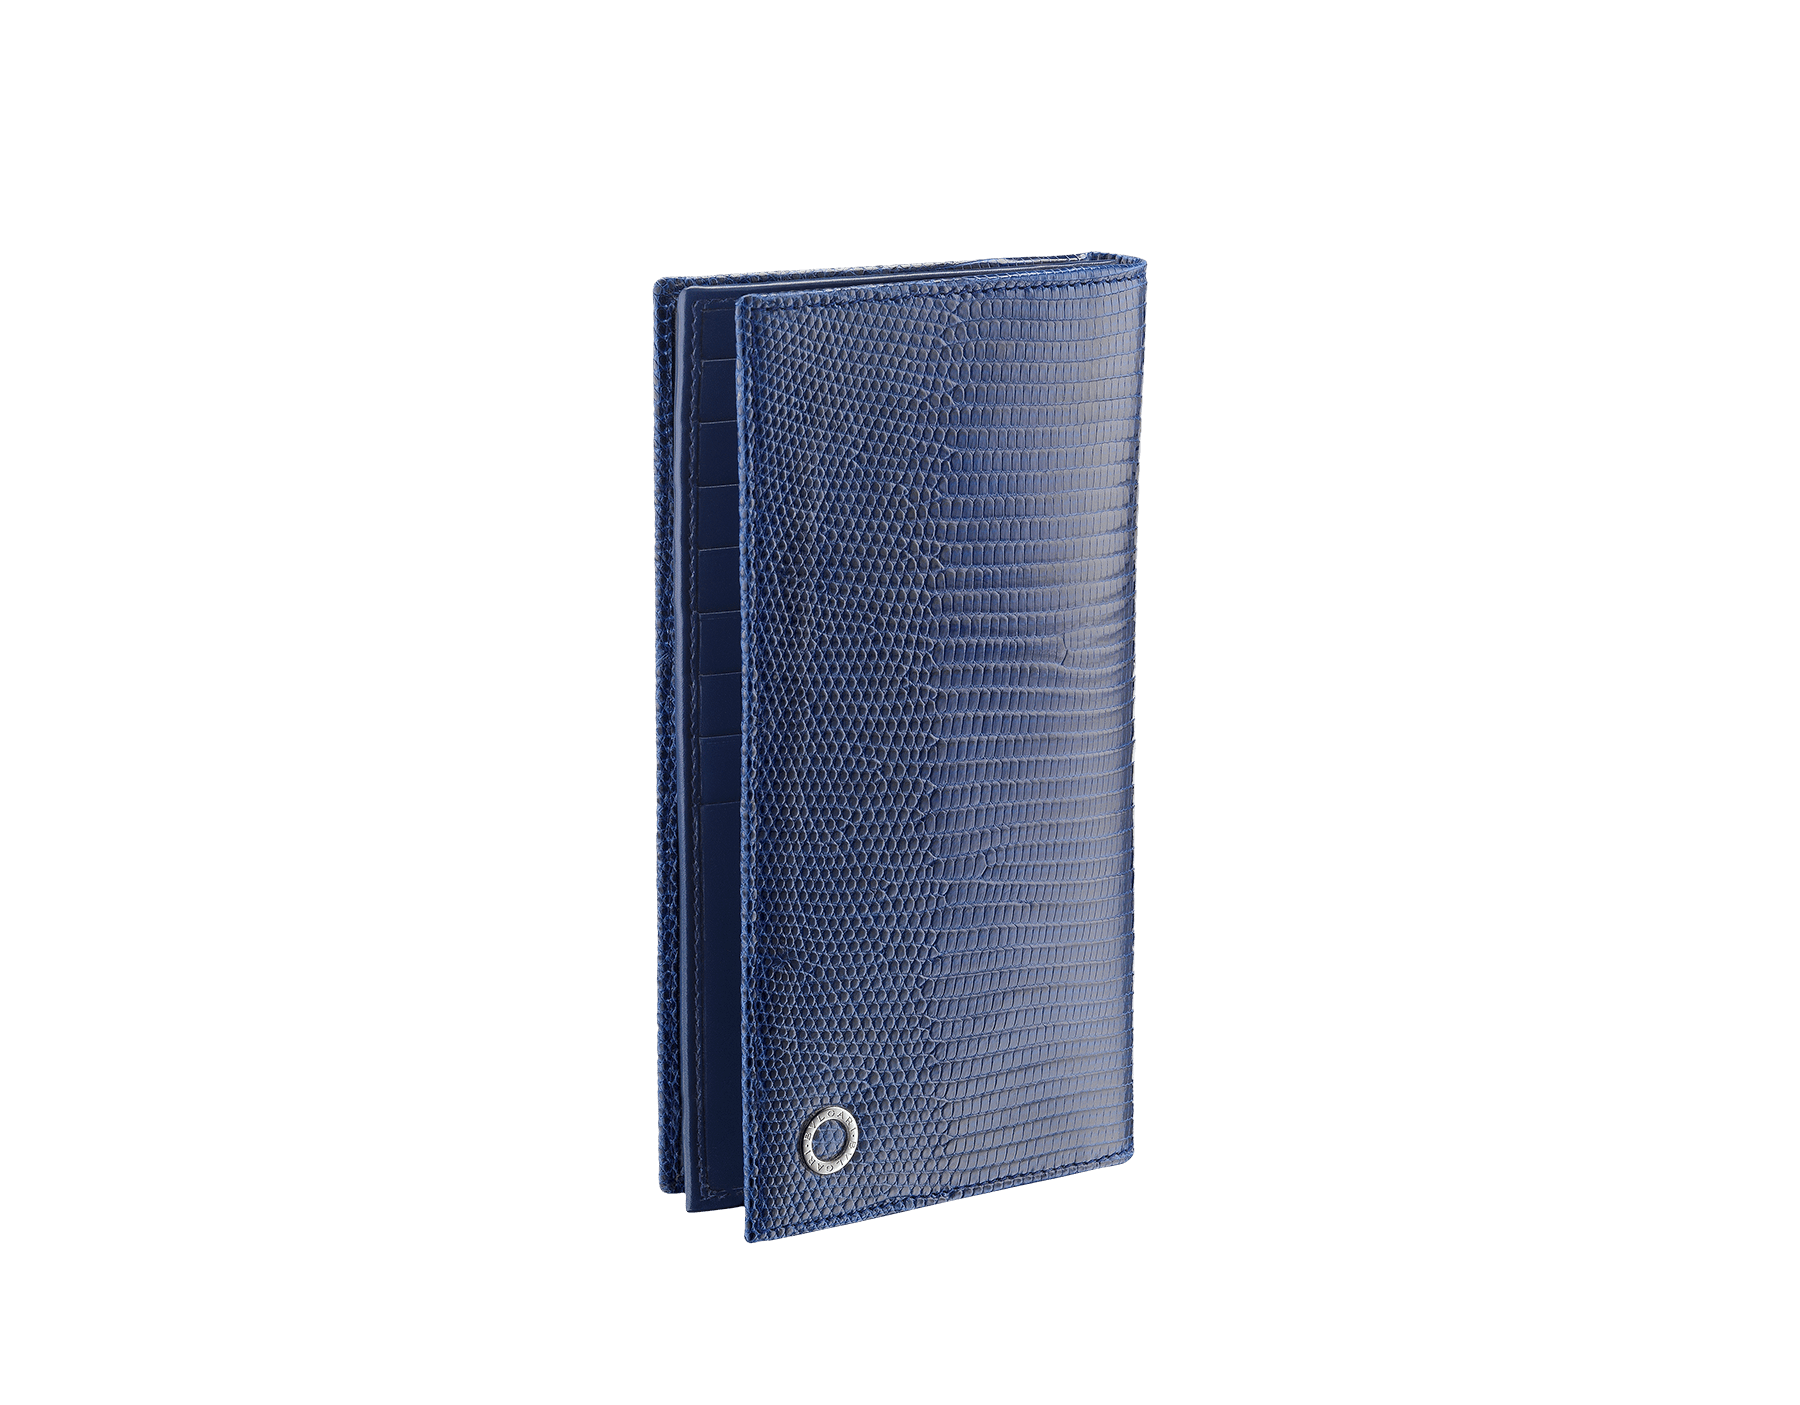 デニムサファイアのシャイニーリザードスキンとカーフレザー製の財布。ブラスパラジウムプレートの金具とアイコニックな「ブルガリ・ブルガリ」モチーフ。 284399 image 1